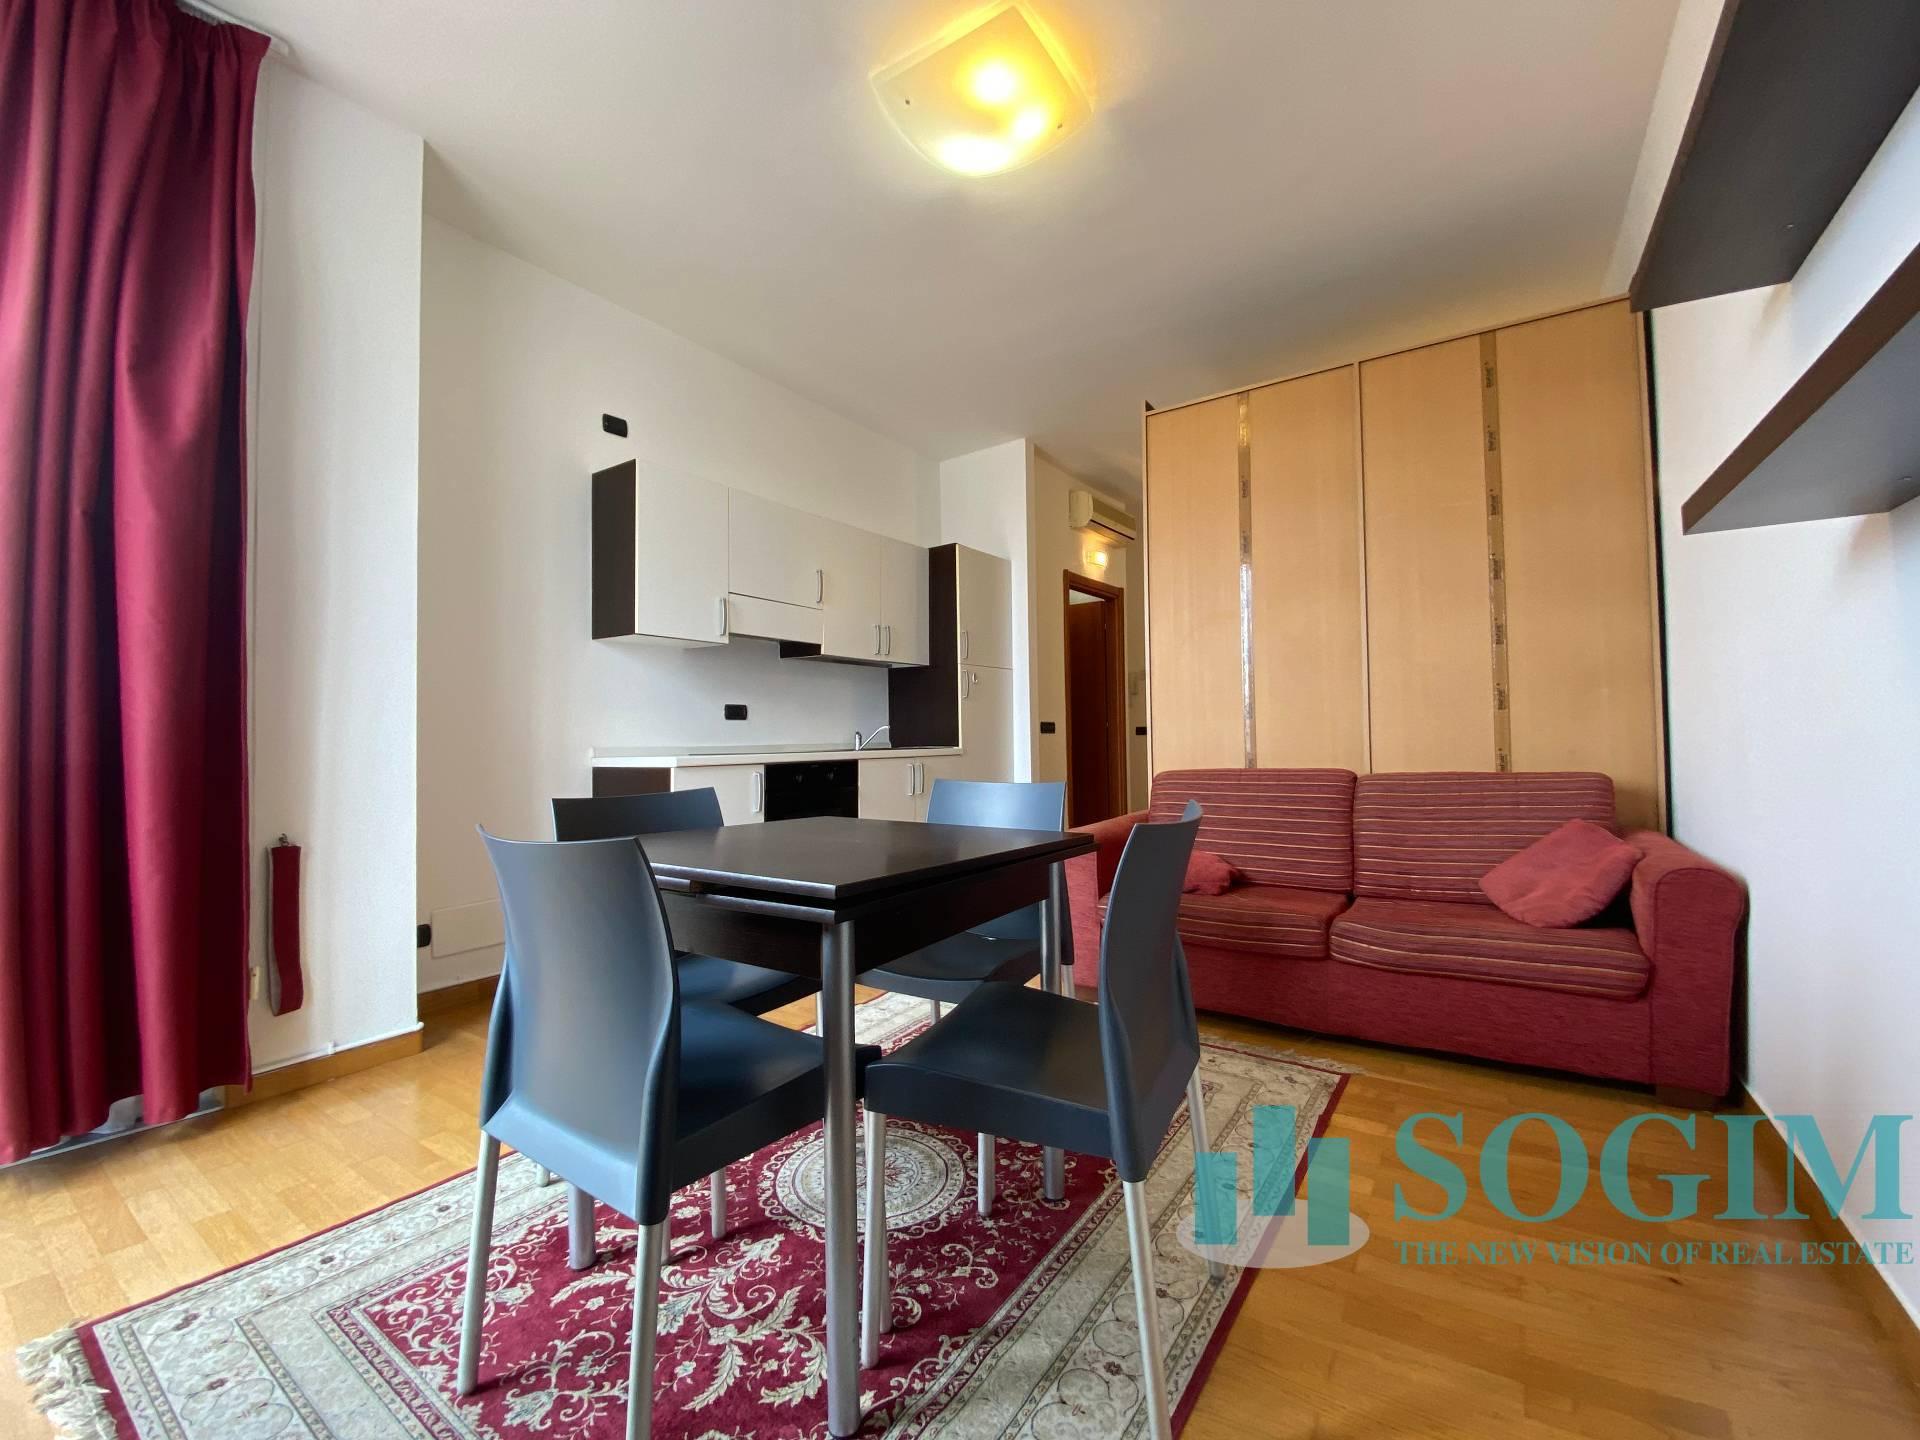 Appartamento in affitto a Sesto San Giovanni, 1 locali, prezzo € 500 | PortaleAgenzieImmobiliari.it